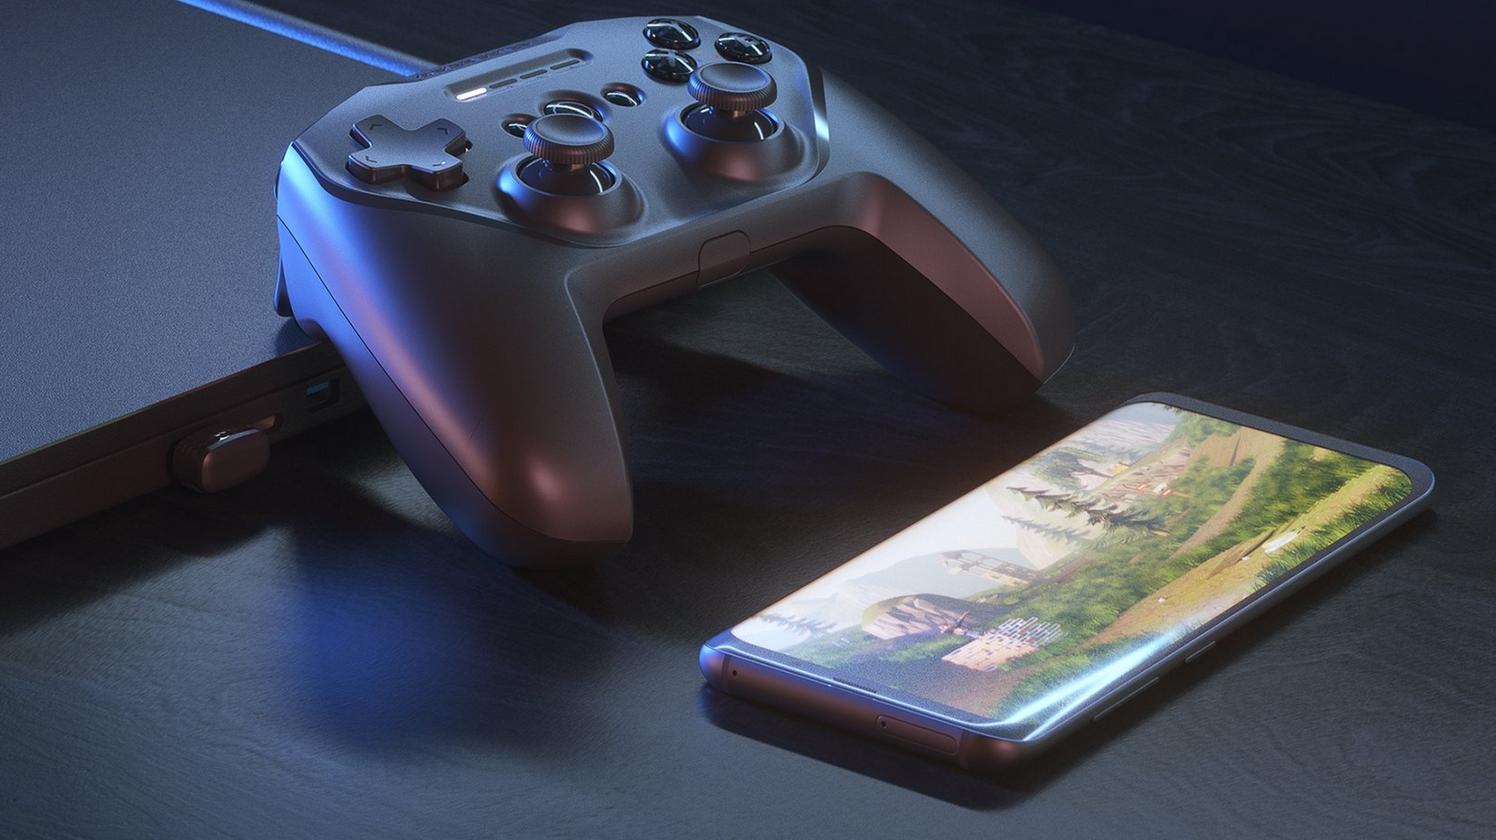 Å bruke samme håndkontroller på flere enheter har ikke vært så enkelt. Stratus Duo fra SteelSeries fikser biffen om du spiller på PC og Android-mobil. Løsningen for deg som spiller både på iOS og Android har vi så langt ikke sett.